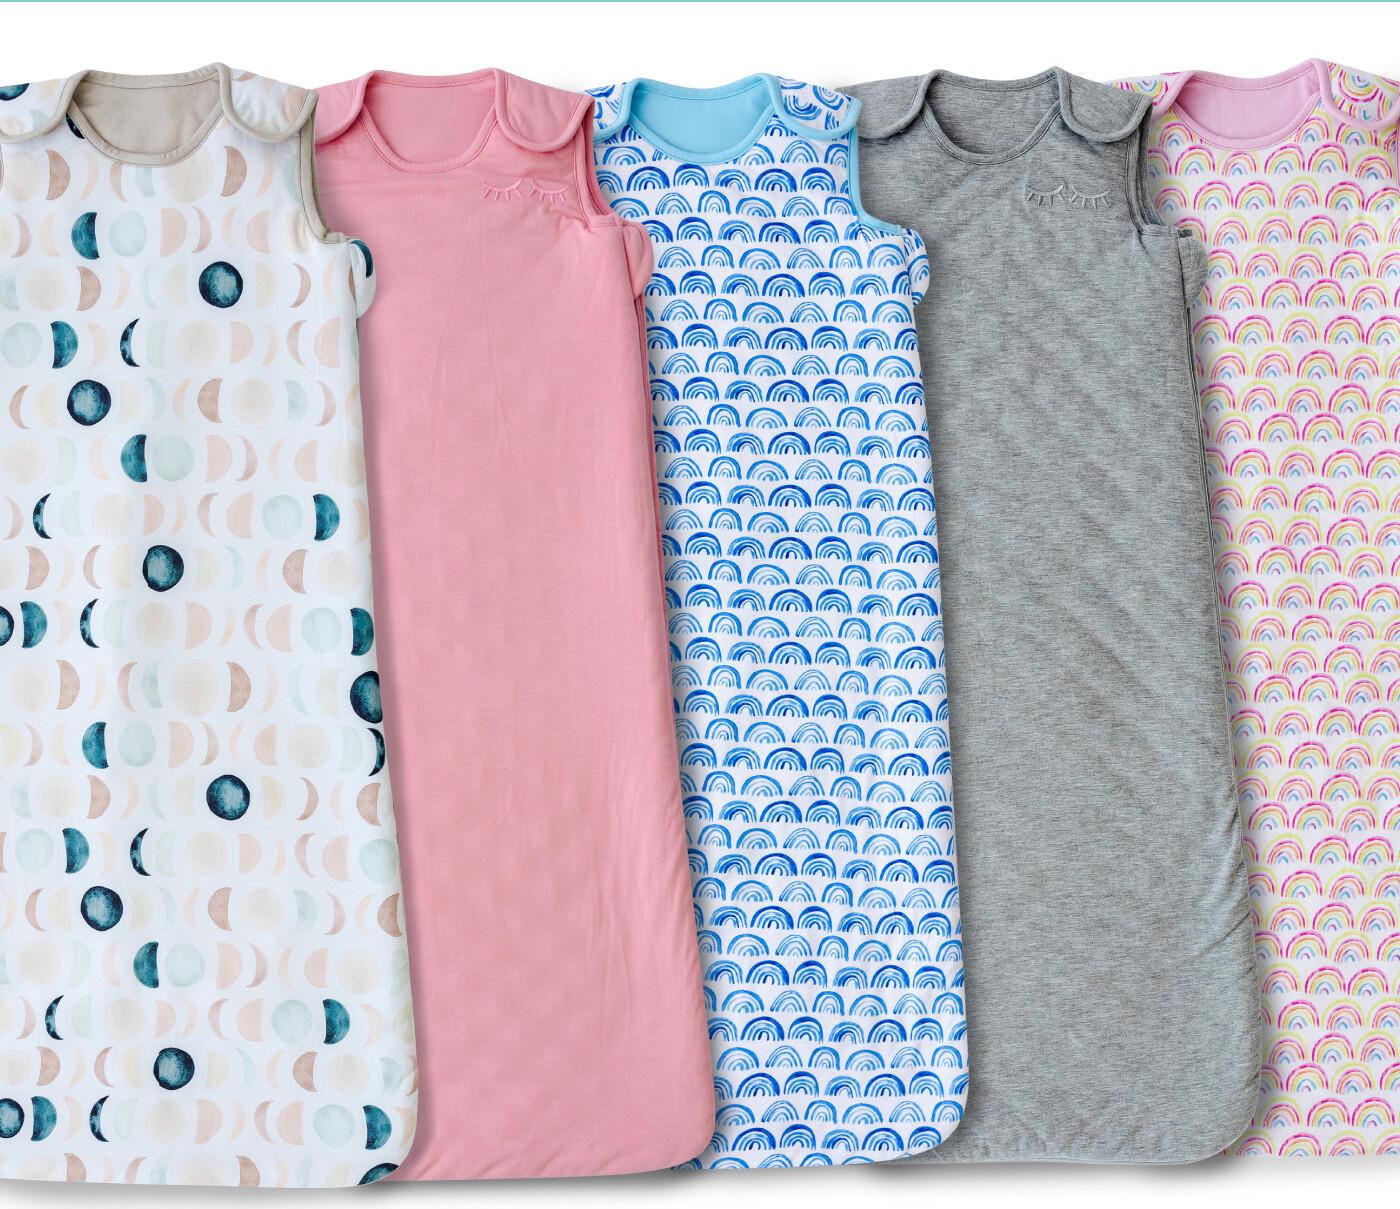 Little Sleepies Sleepy Bags Sleep Sacks